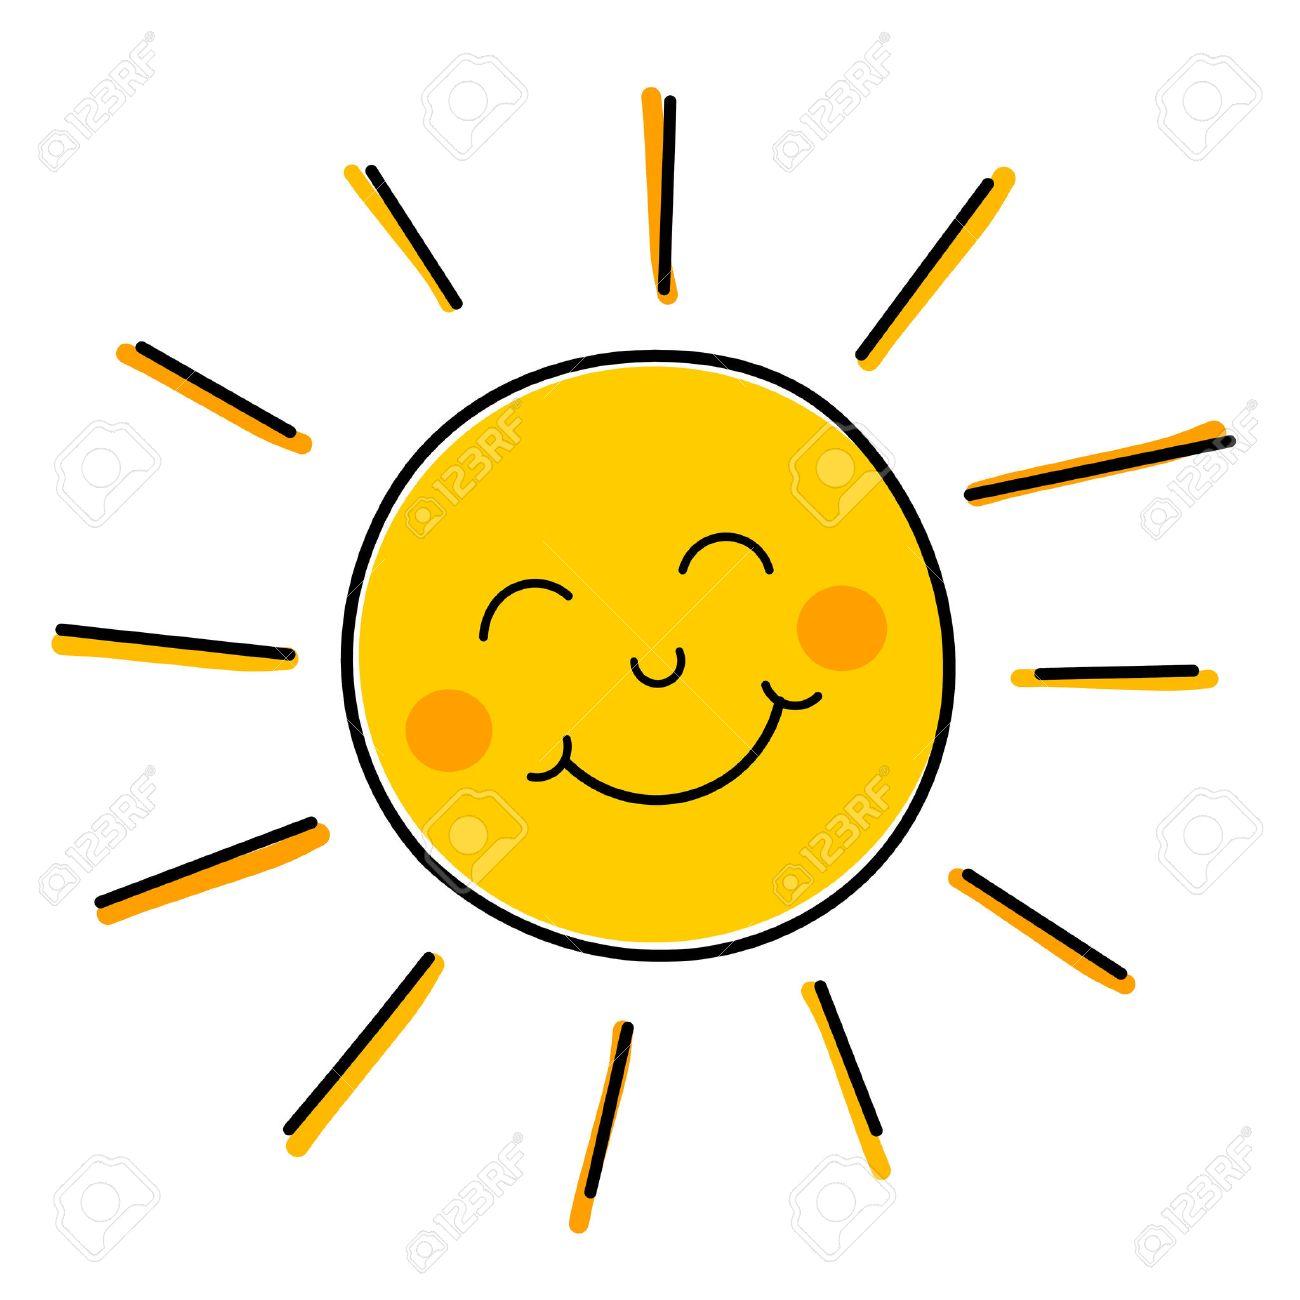 Zeichnung Von Glücklich Lächelnden Sonne. Lizenzfrei Nutzbare  Vektorgrafiken, Clip Arts, Illustrationen. Image 27345037.